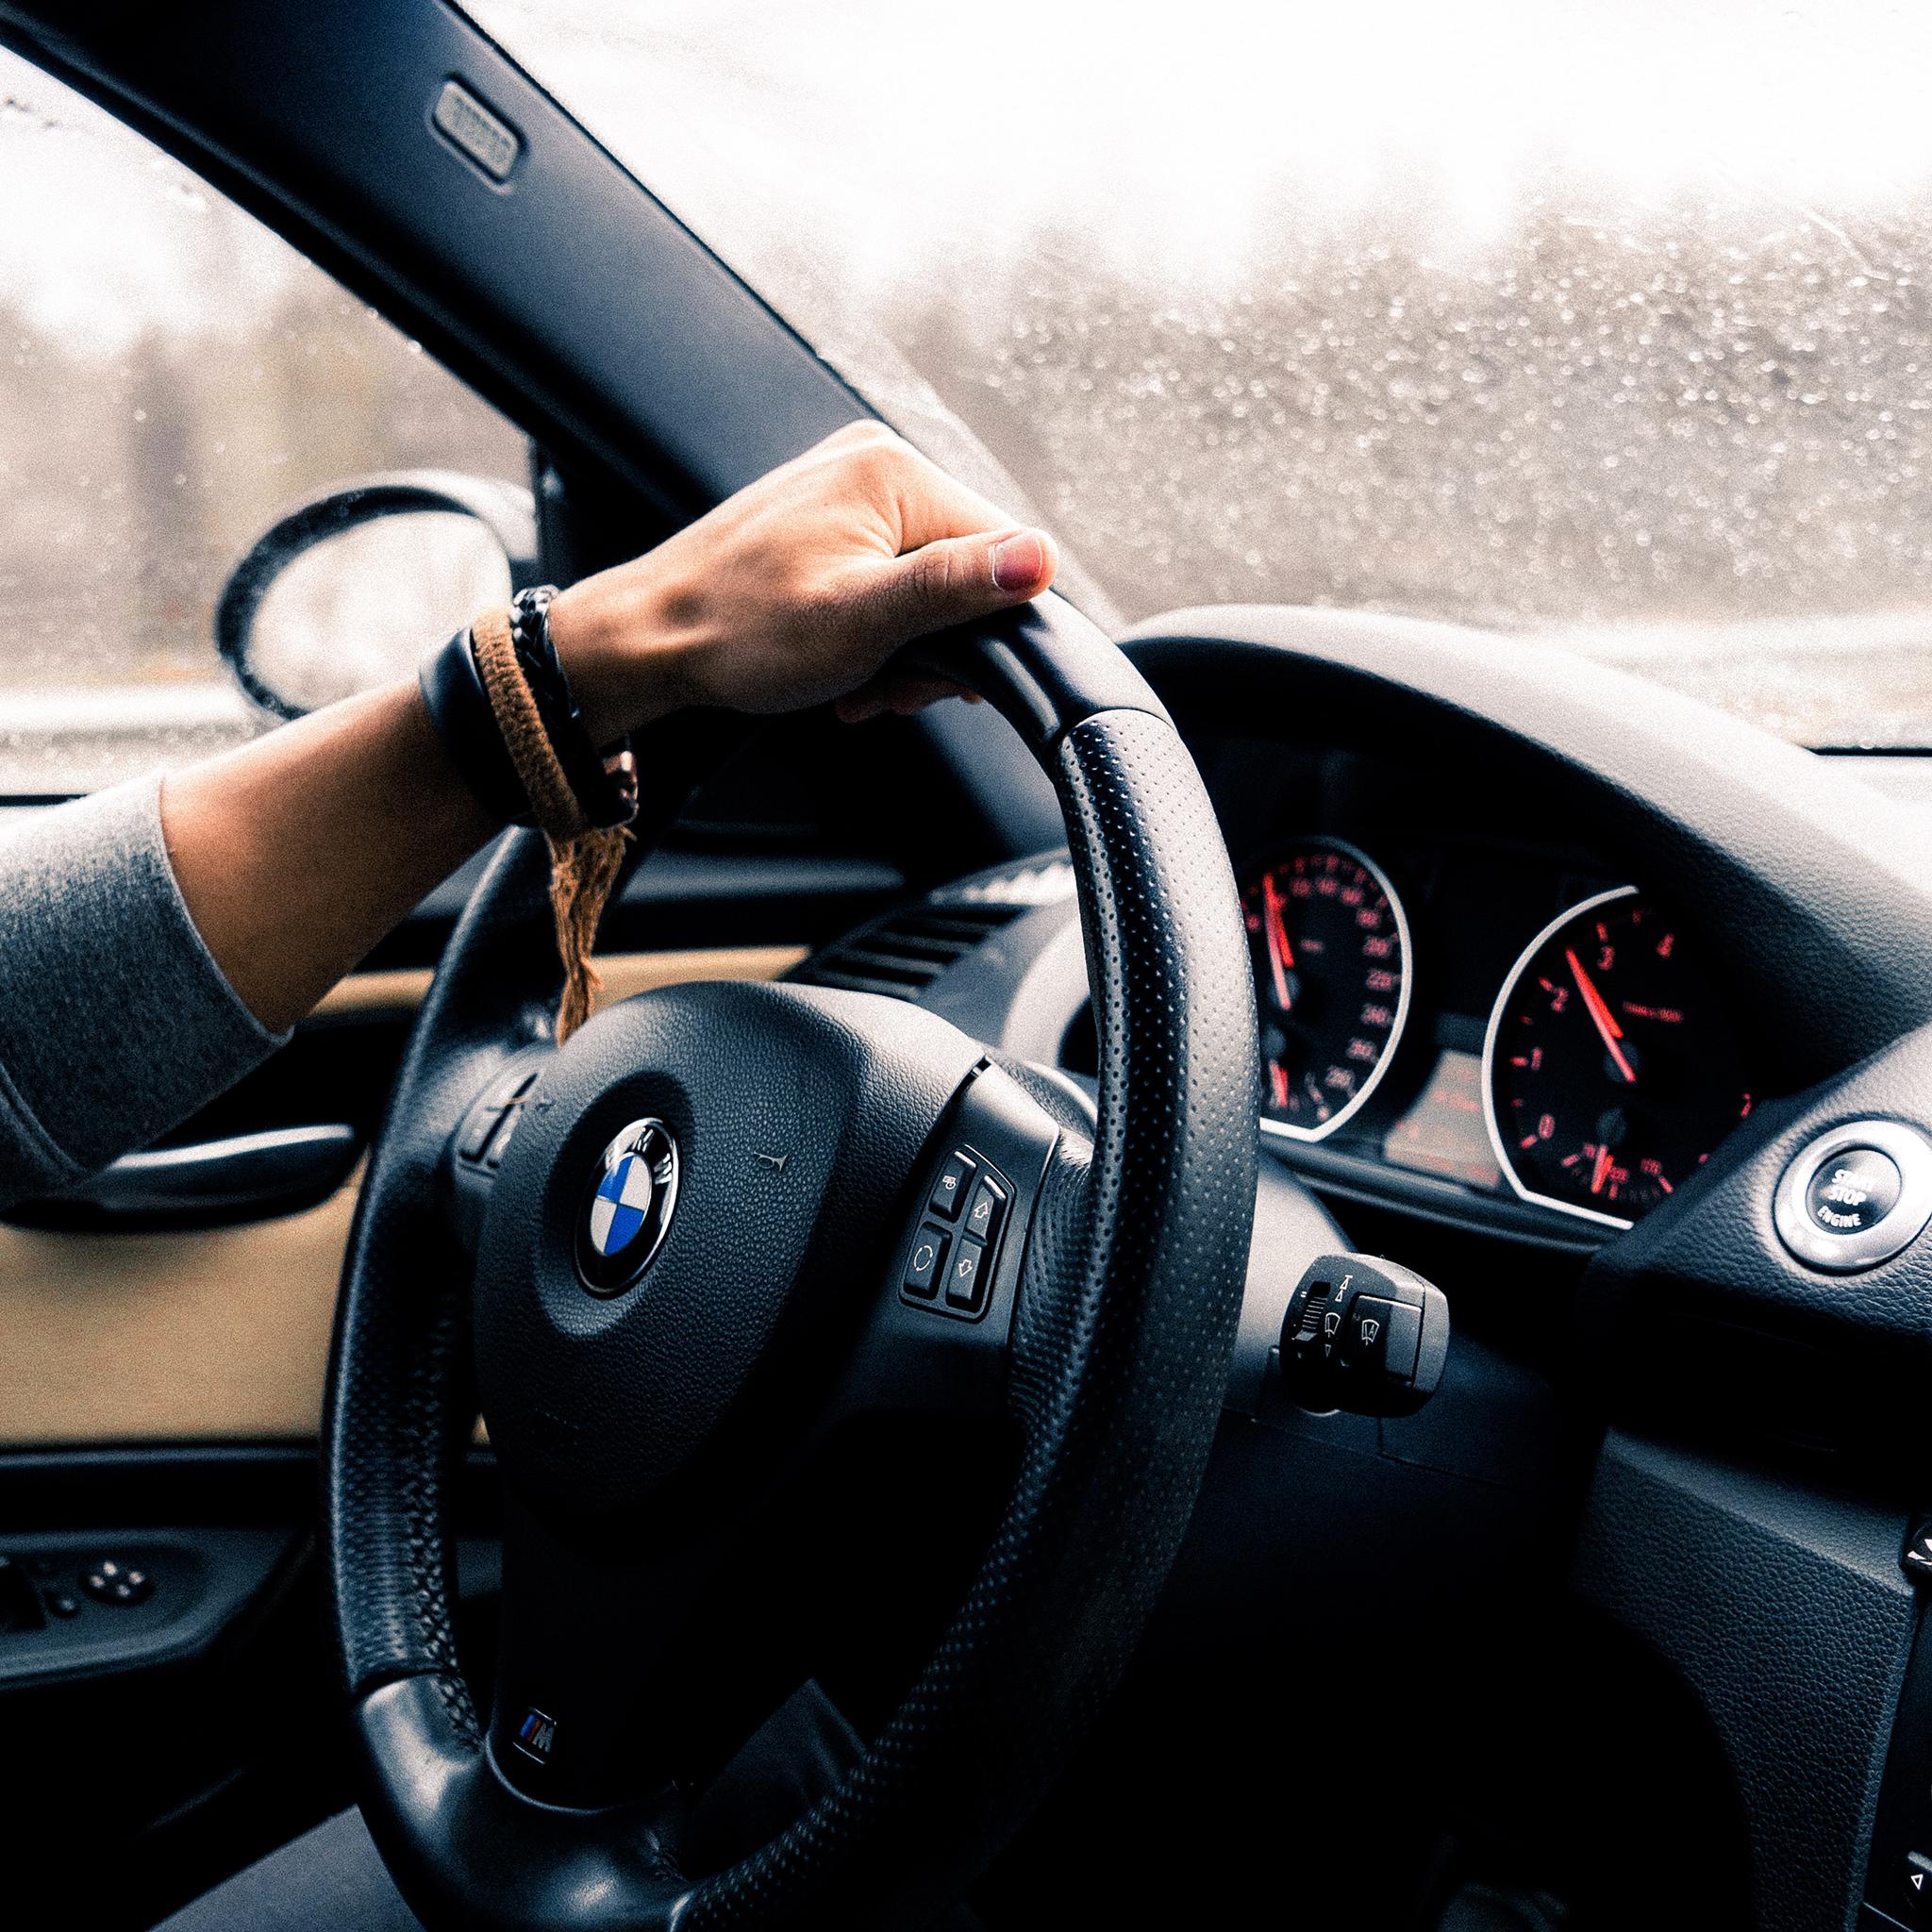 电脑上wap网:宝马 内饰 汽车 方向盘 驾驶 男性 苹果手机高清壁纸